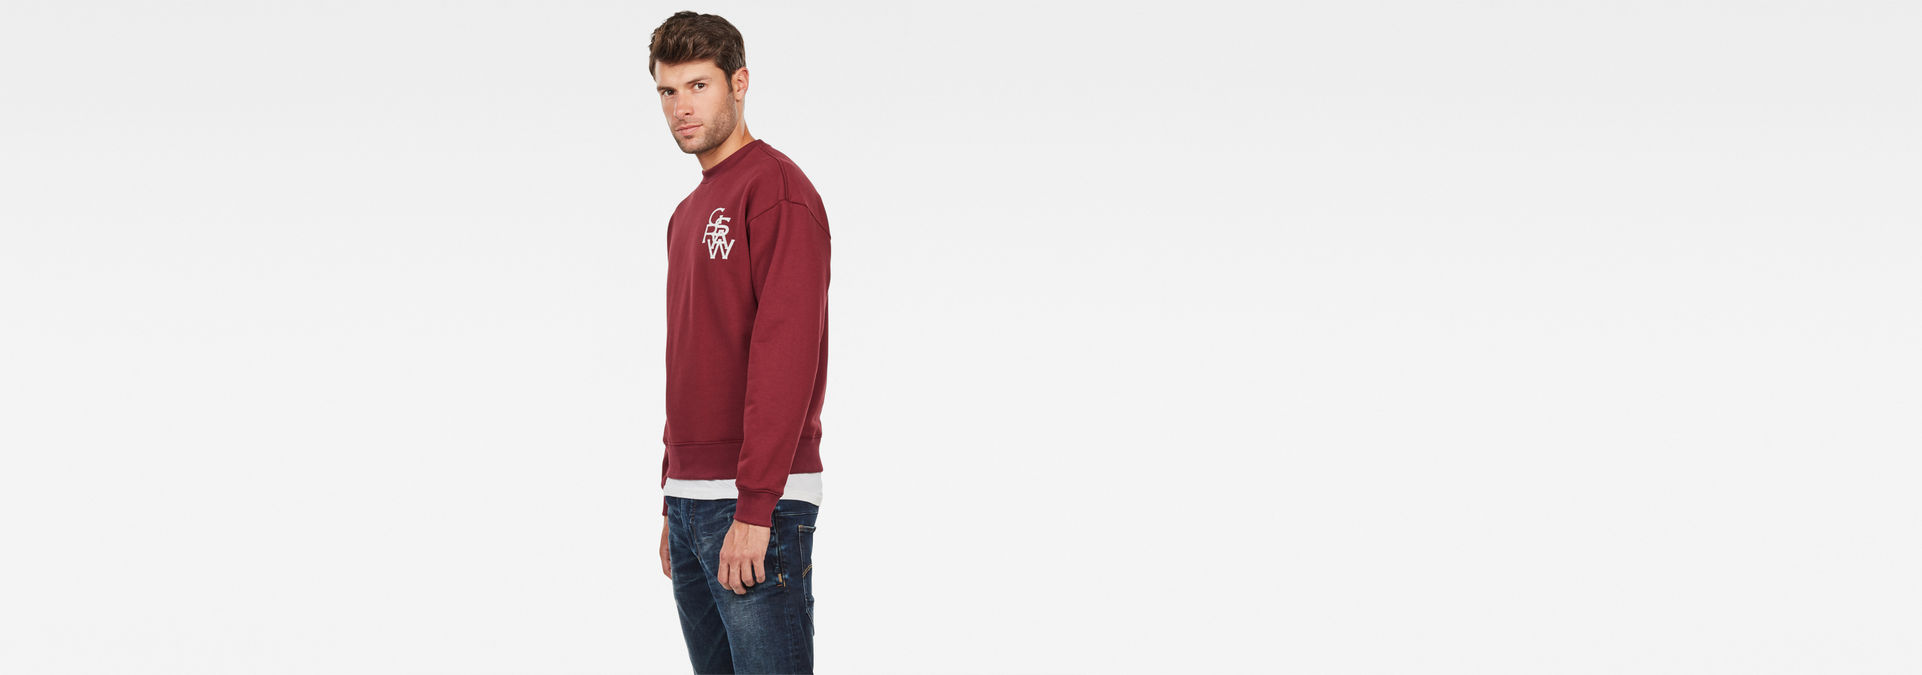 G-STAR RAW Mens Graphic 11 Stor Sweatshirt